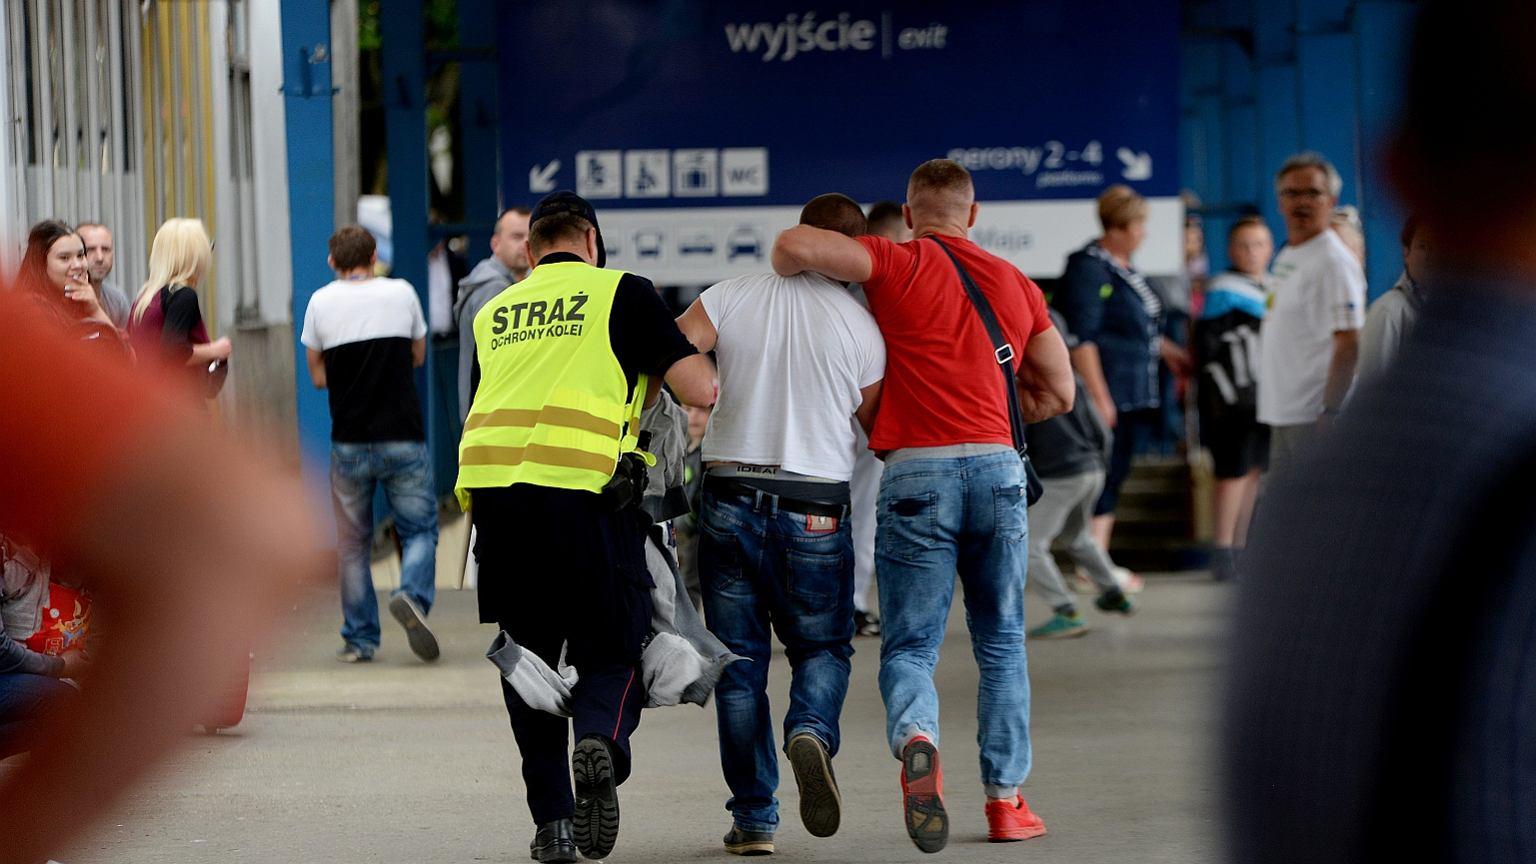 Złodziej zatrzymany na dworcu w Olsztynie